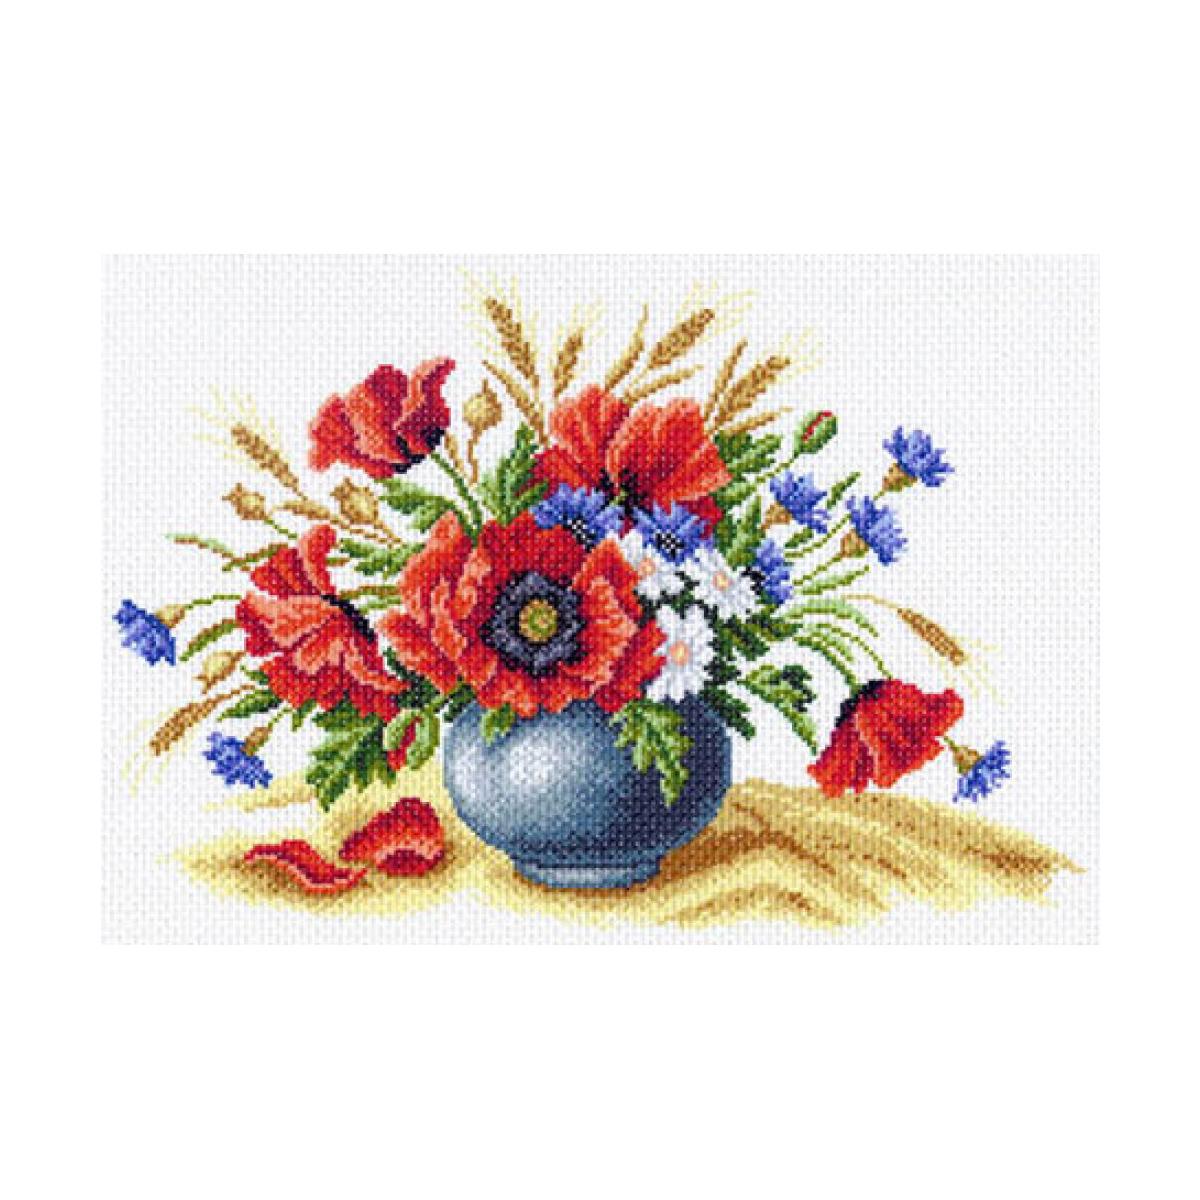 Канва с рисунком Матренин Посад Полевое соцветие, 33 см х 45 см. 1560549975Размер: 33x45 см Рисунок полностью напечатан на канве. Указана цветовая карта ниток. Вышивать рекомендуется мулине в 3 сложения.